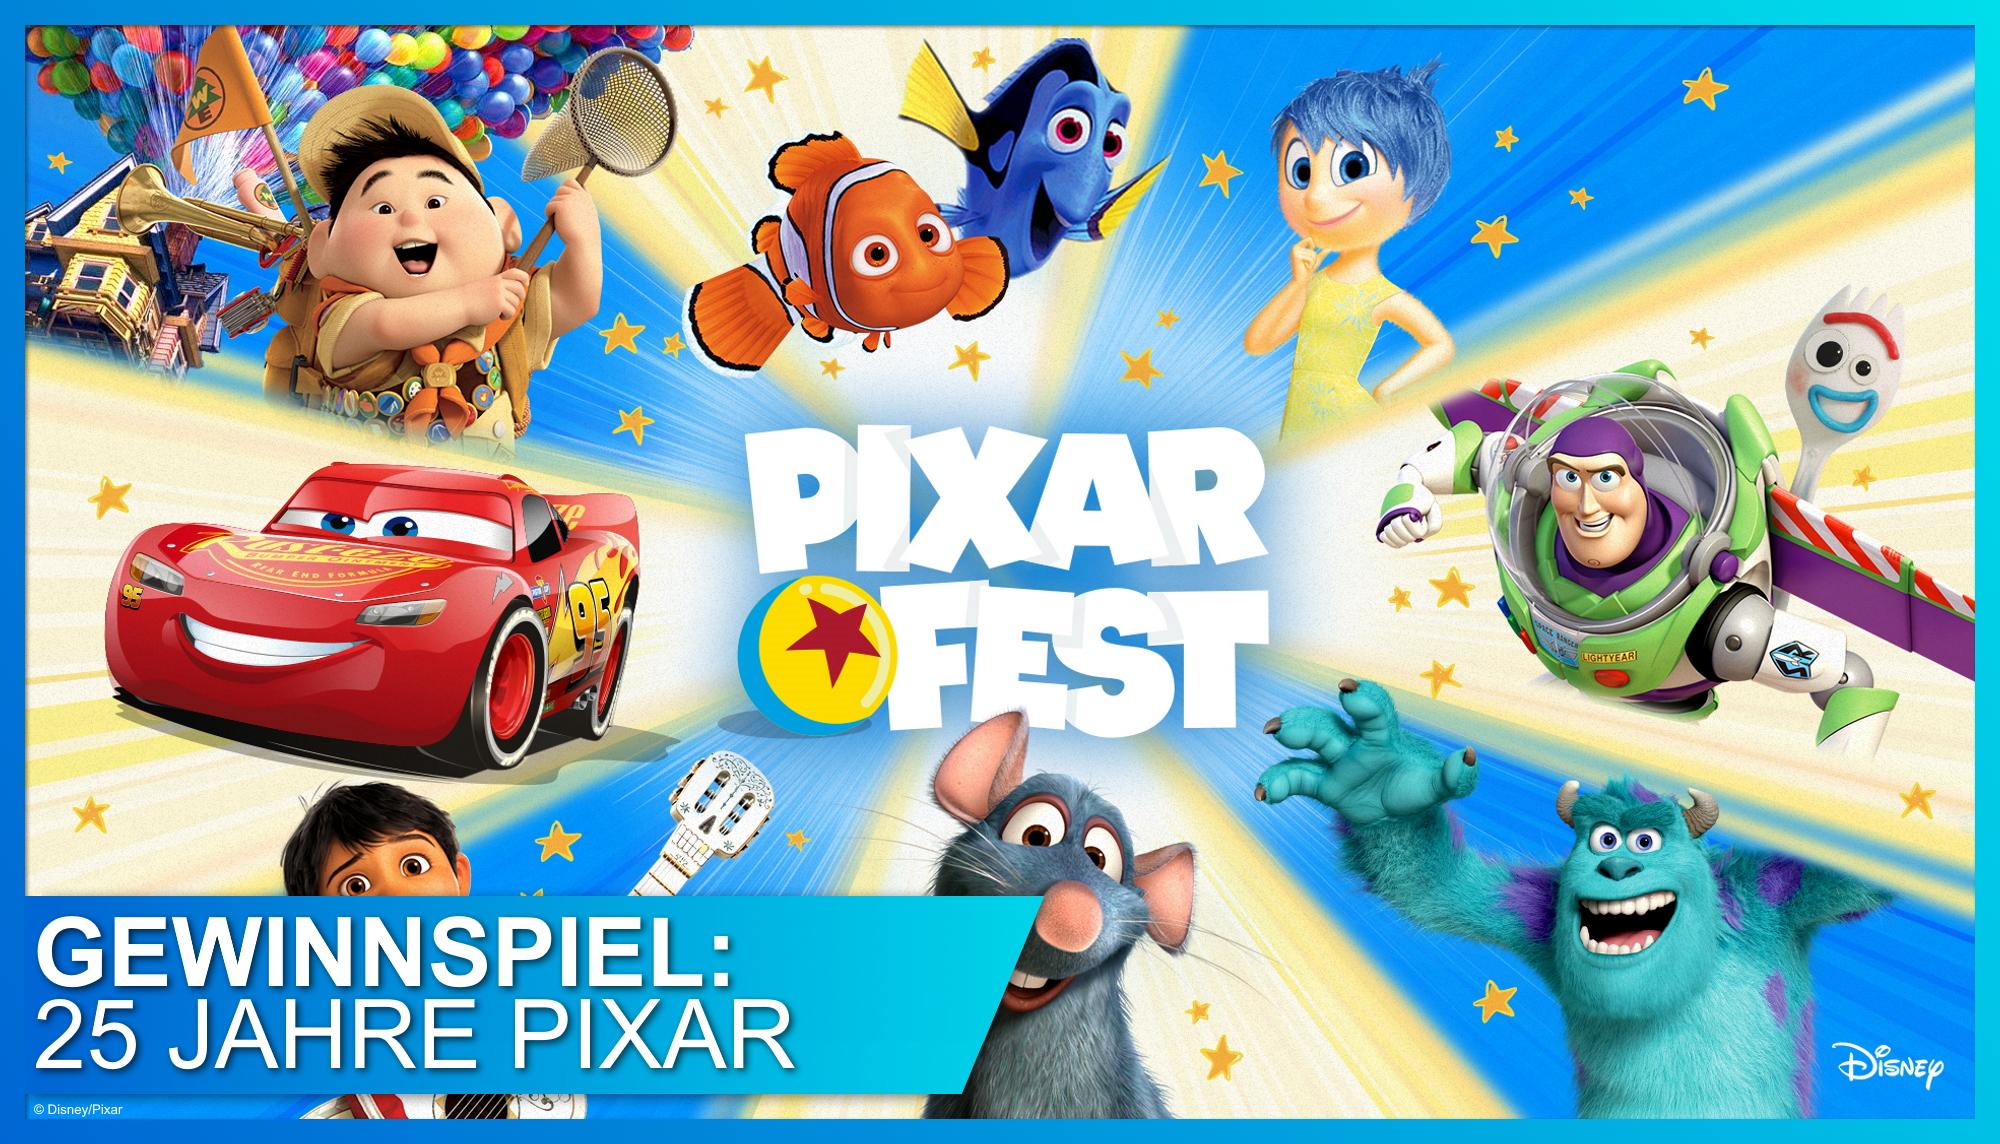 PIXAR FEST - 25 Jahre Woody, Buzz, und Co.